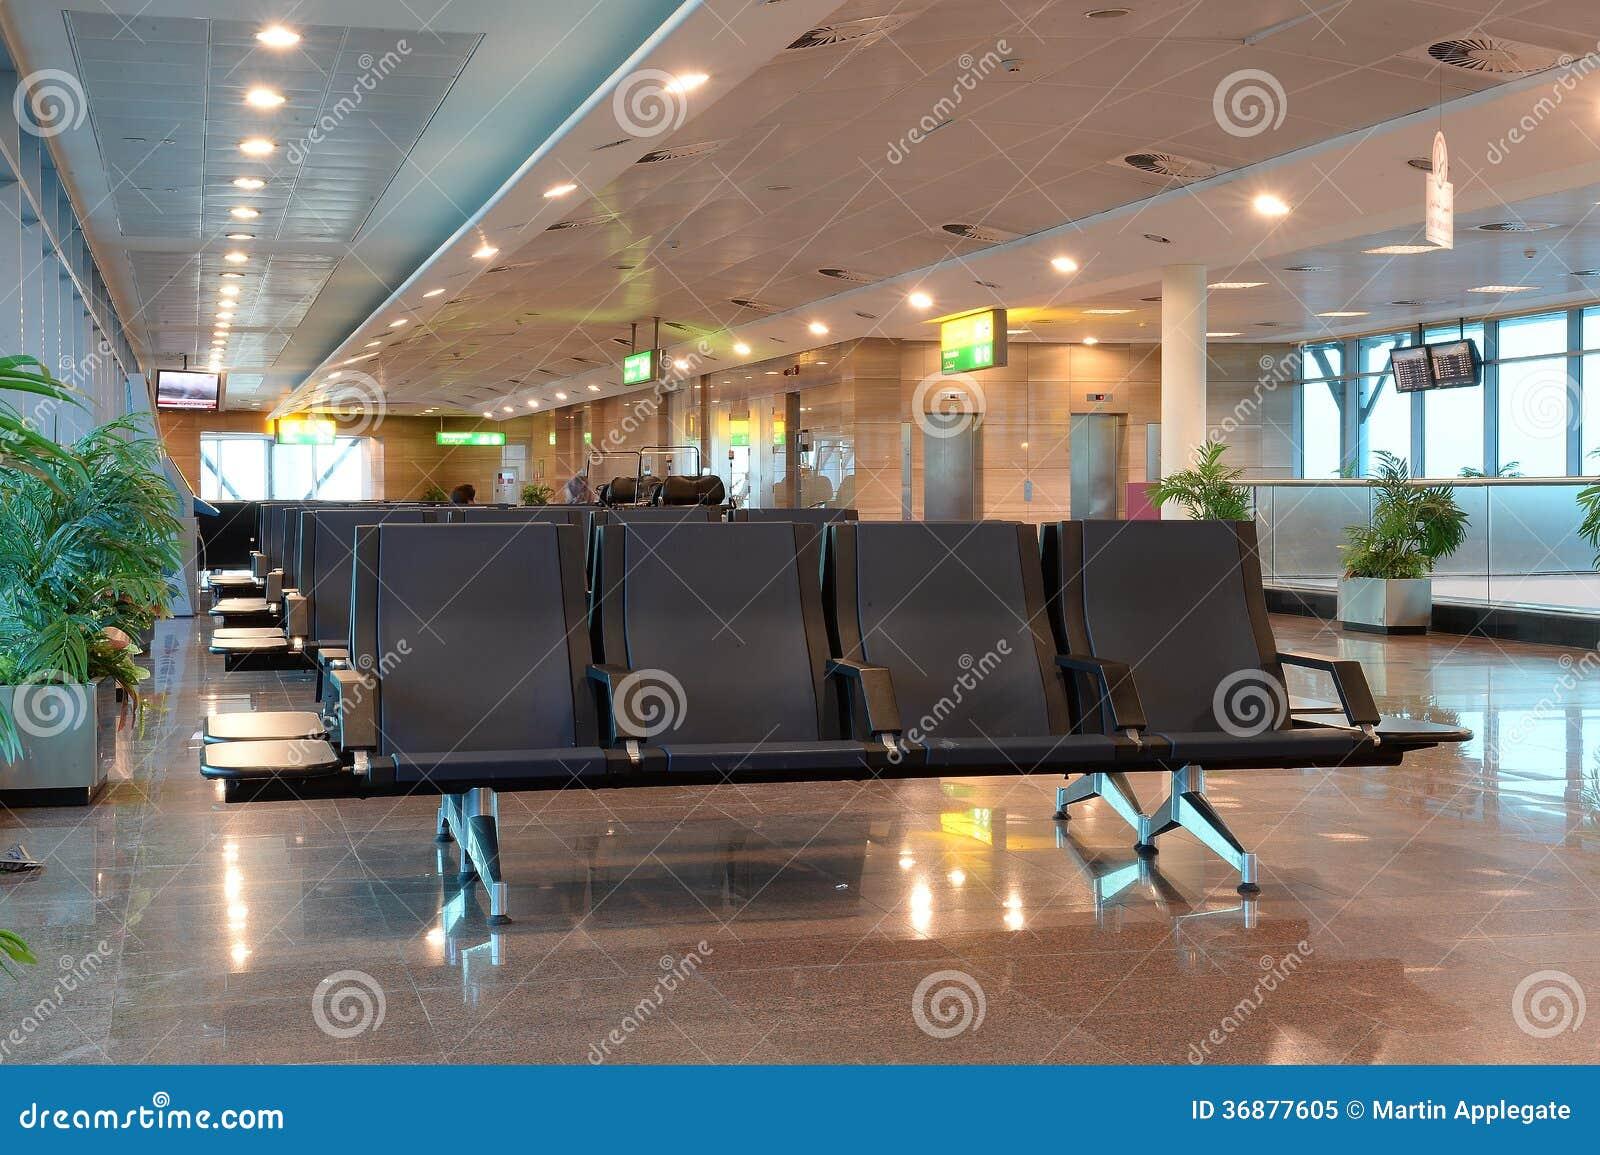 Download Posti Vuoti Nel Rifugio Dell'aeroporto Immagine Stock - Immagine di banco, vuoto: 36877605